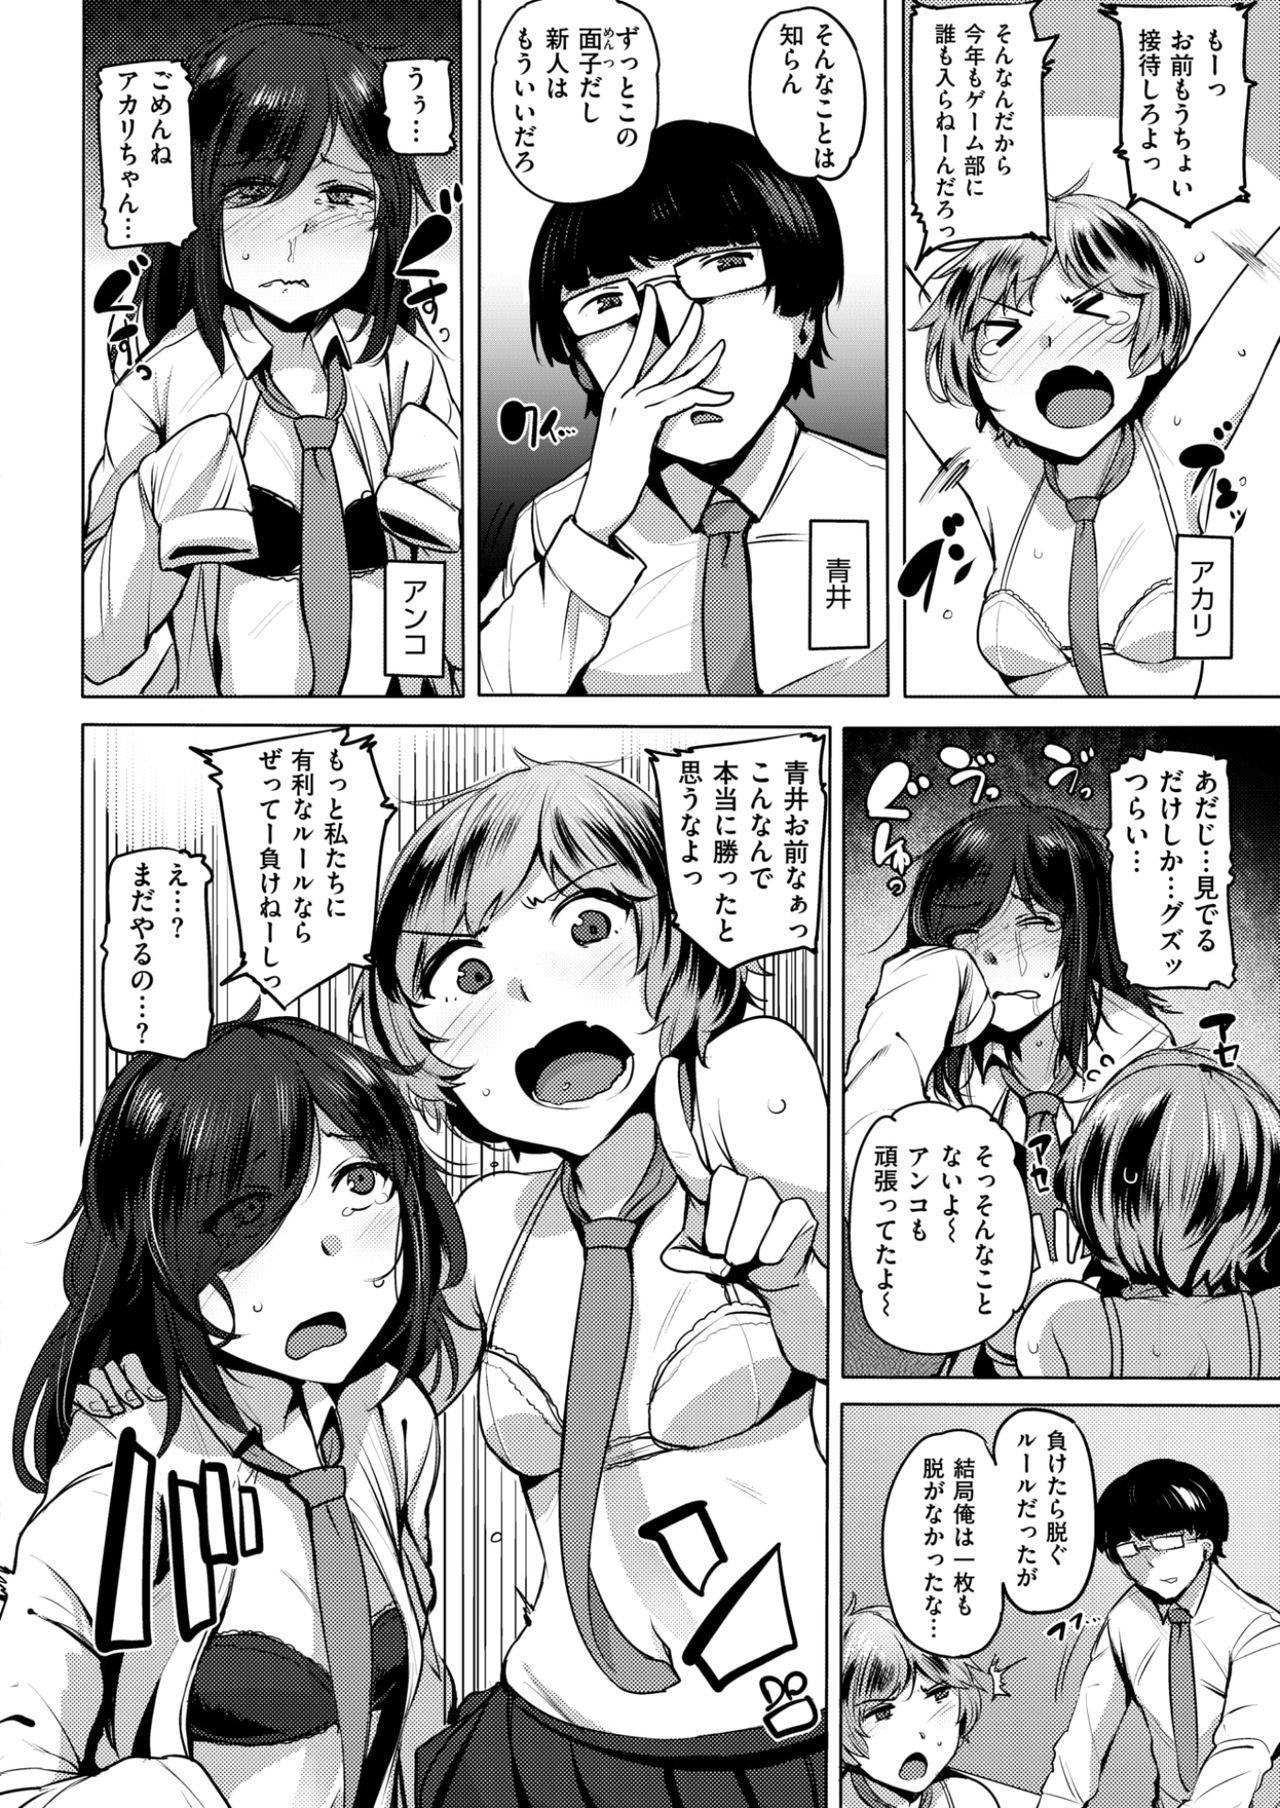 COMIC Kairakuten BEAST 2017-10 274